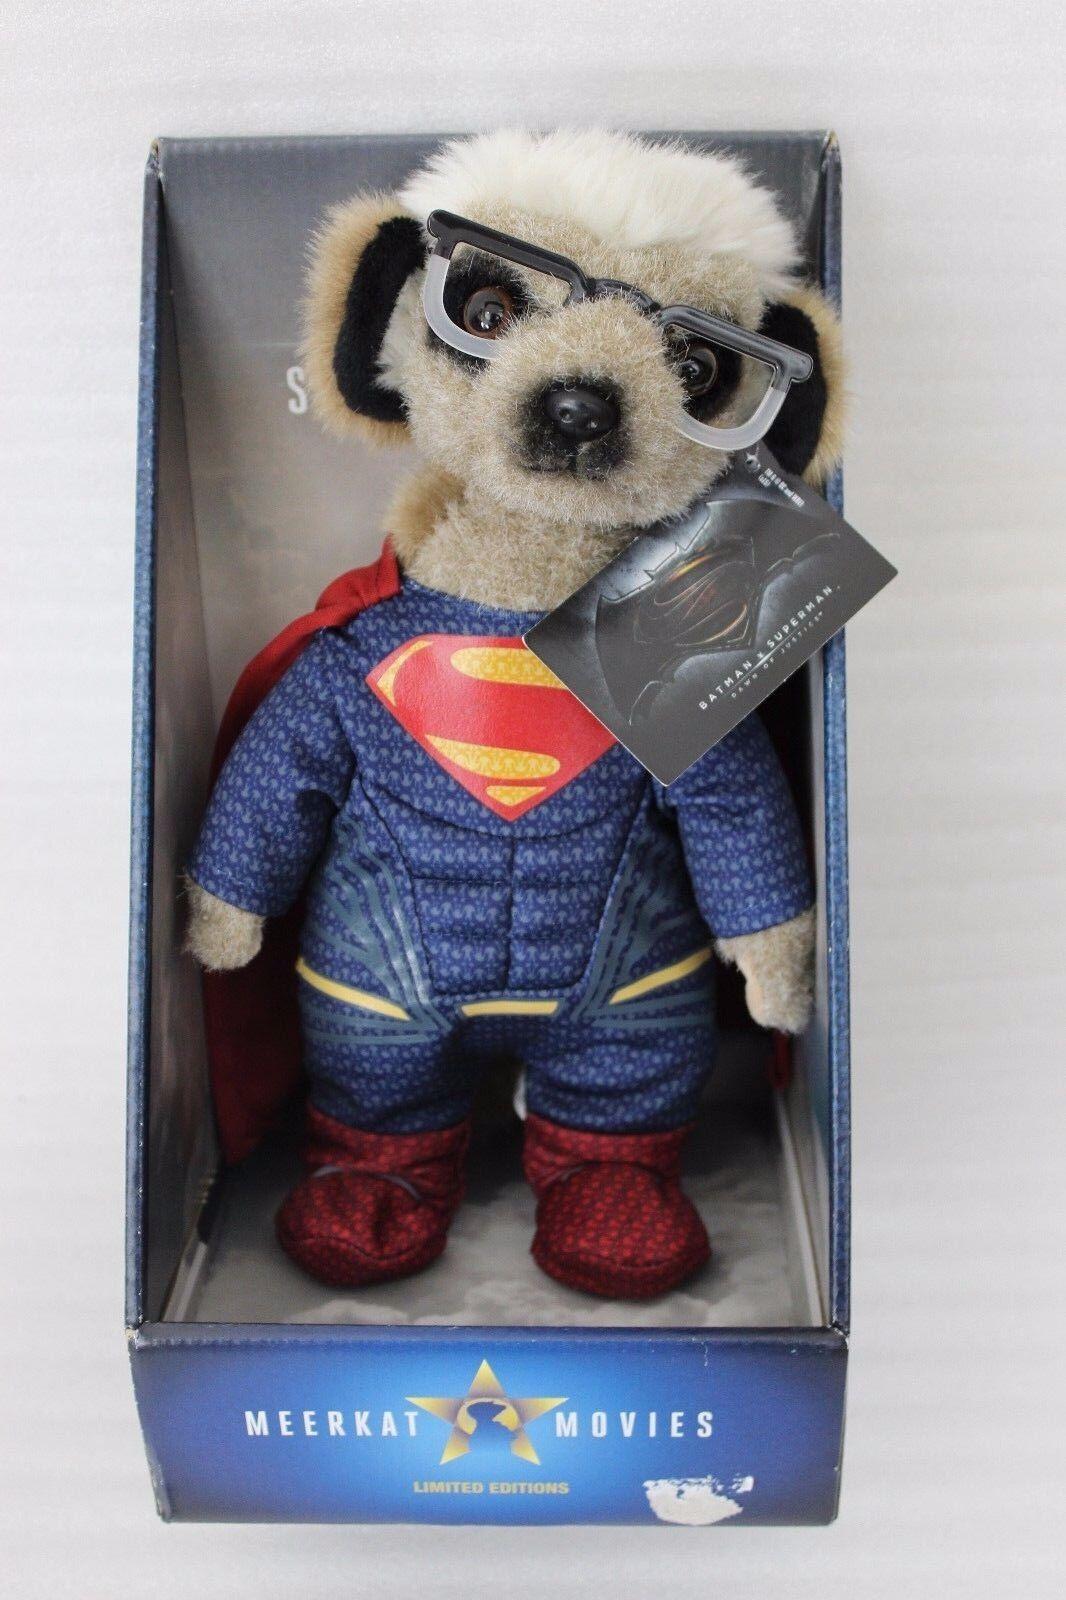 NEU Sergei as Superman Puppe meerkat movies movies movies Clark Kent Official 20cec0